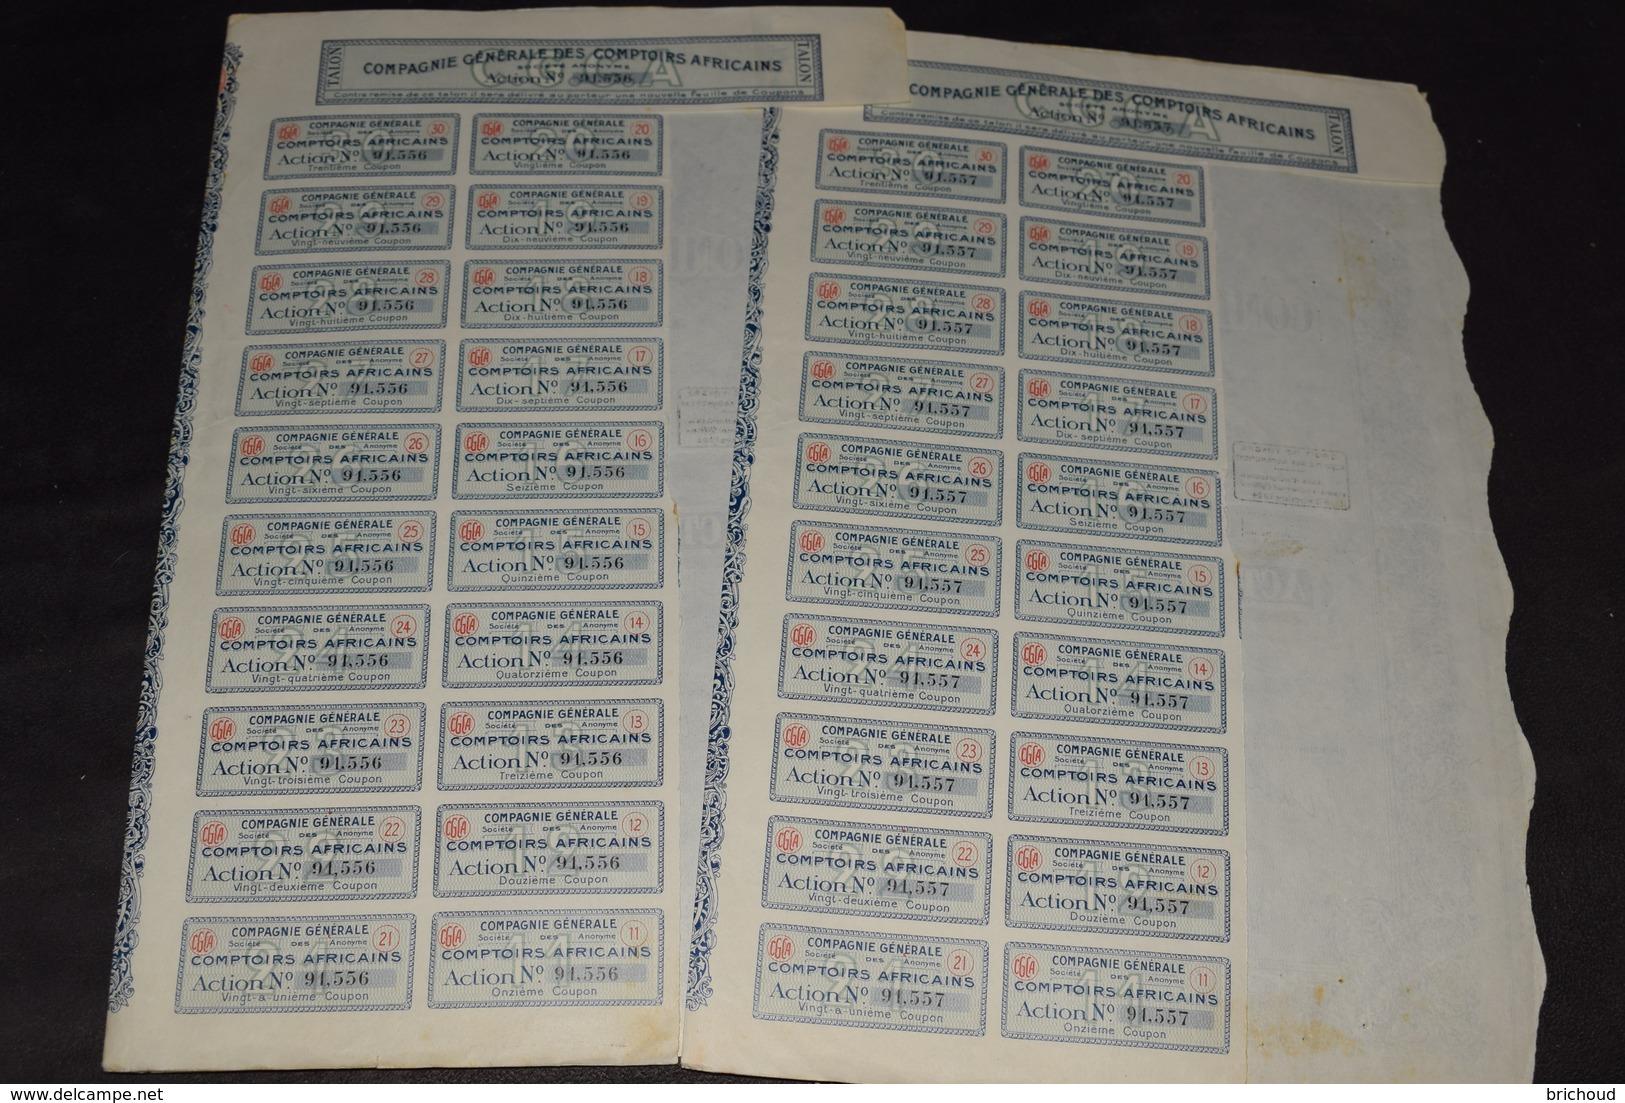 2 X 100 Frs Compagnie Générale Des Comptoirs Africains 10 000 000 Frs 1925 - Afrique